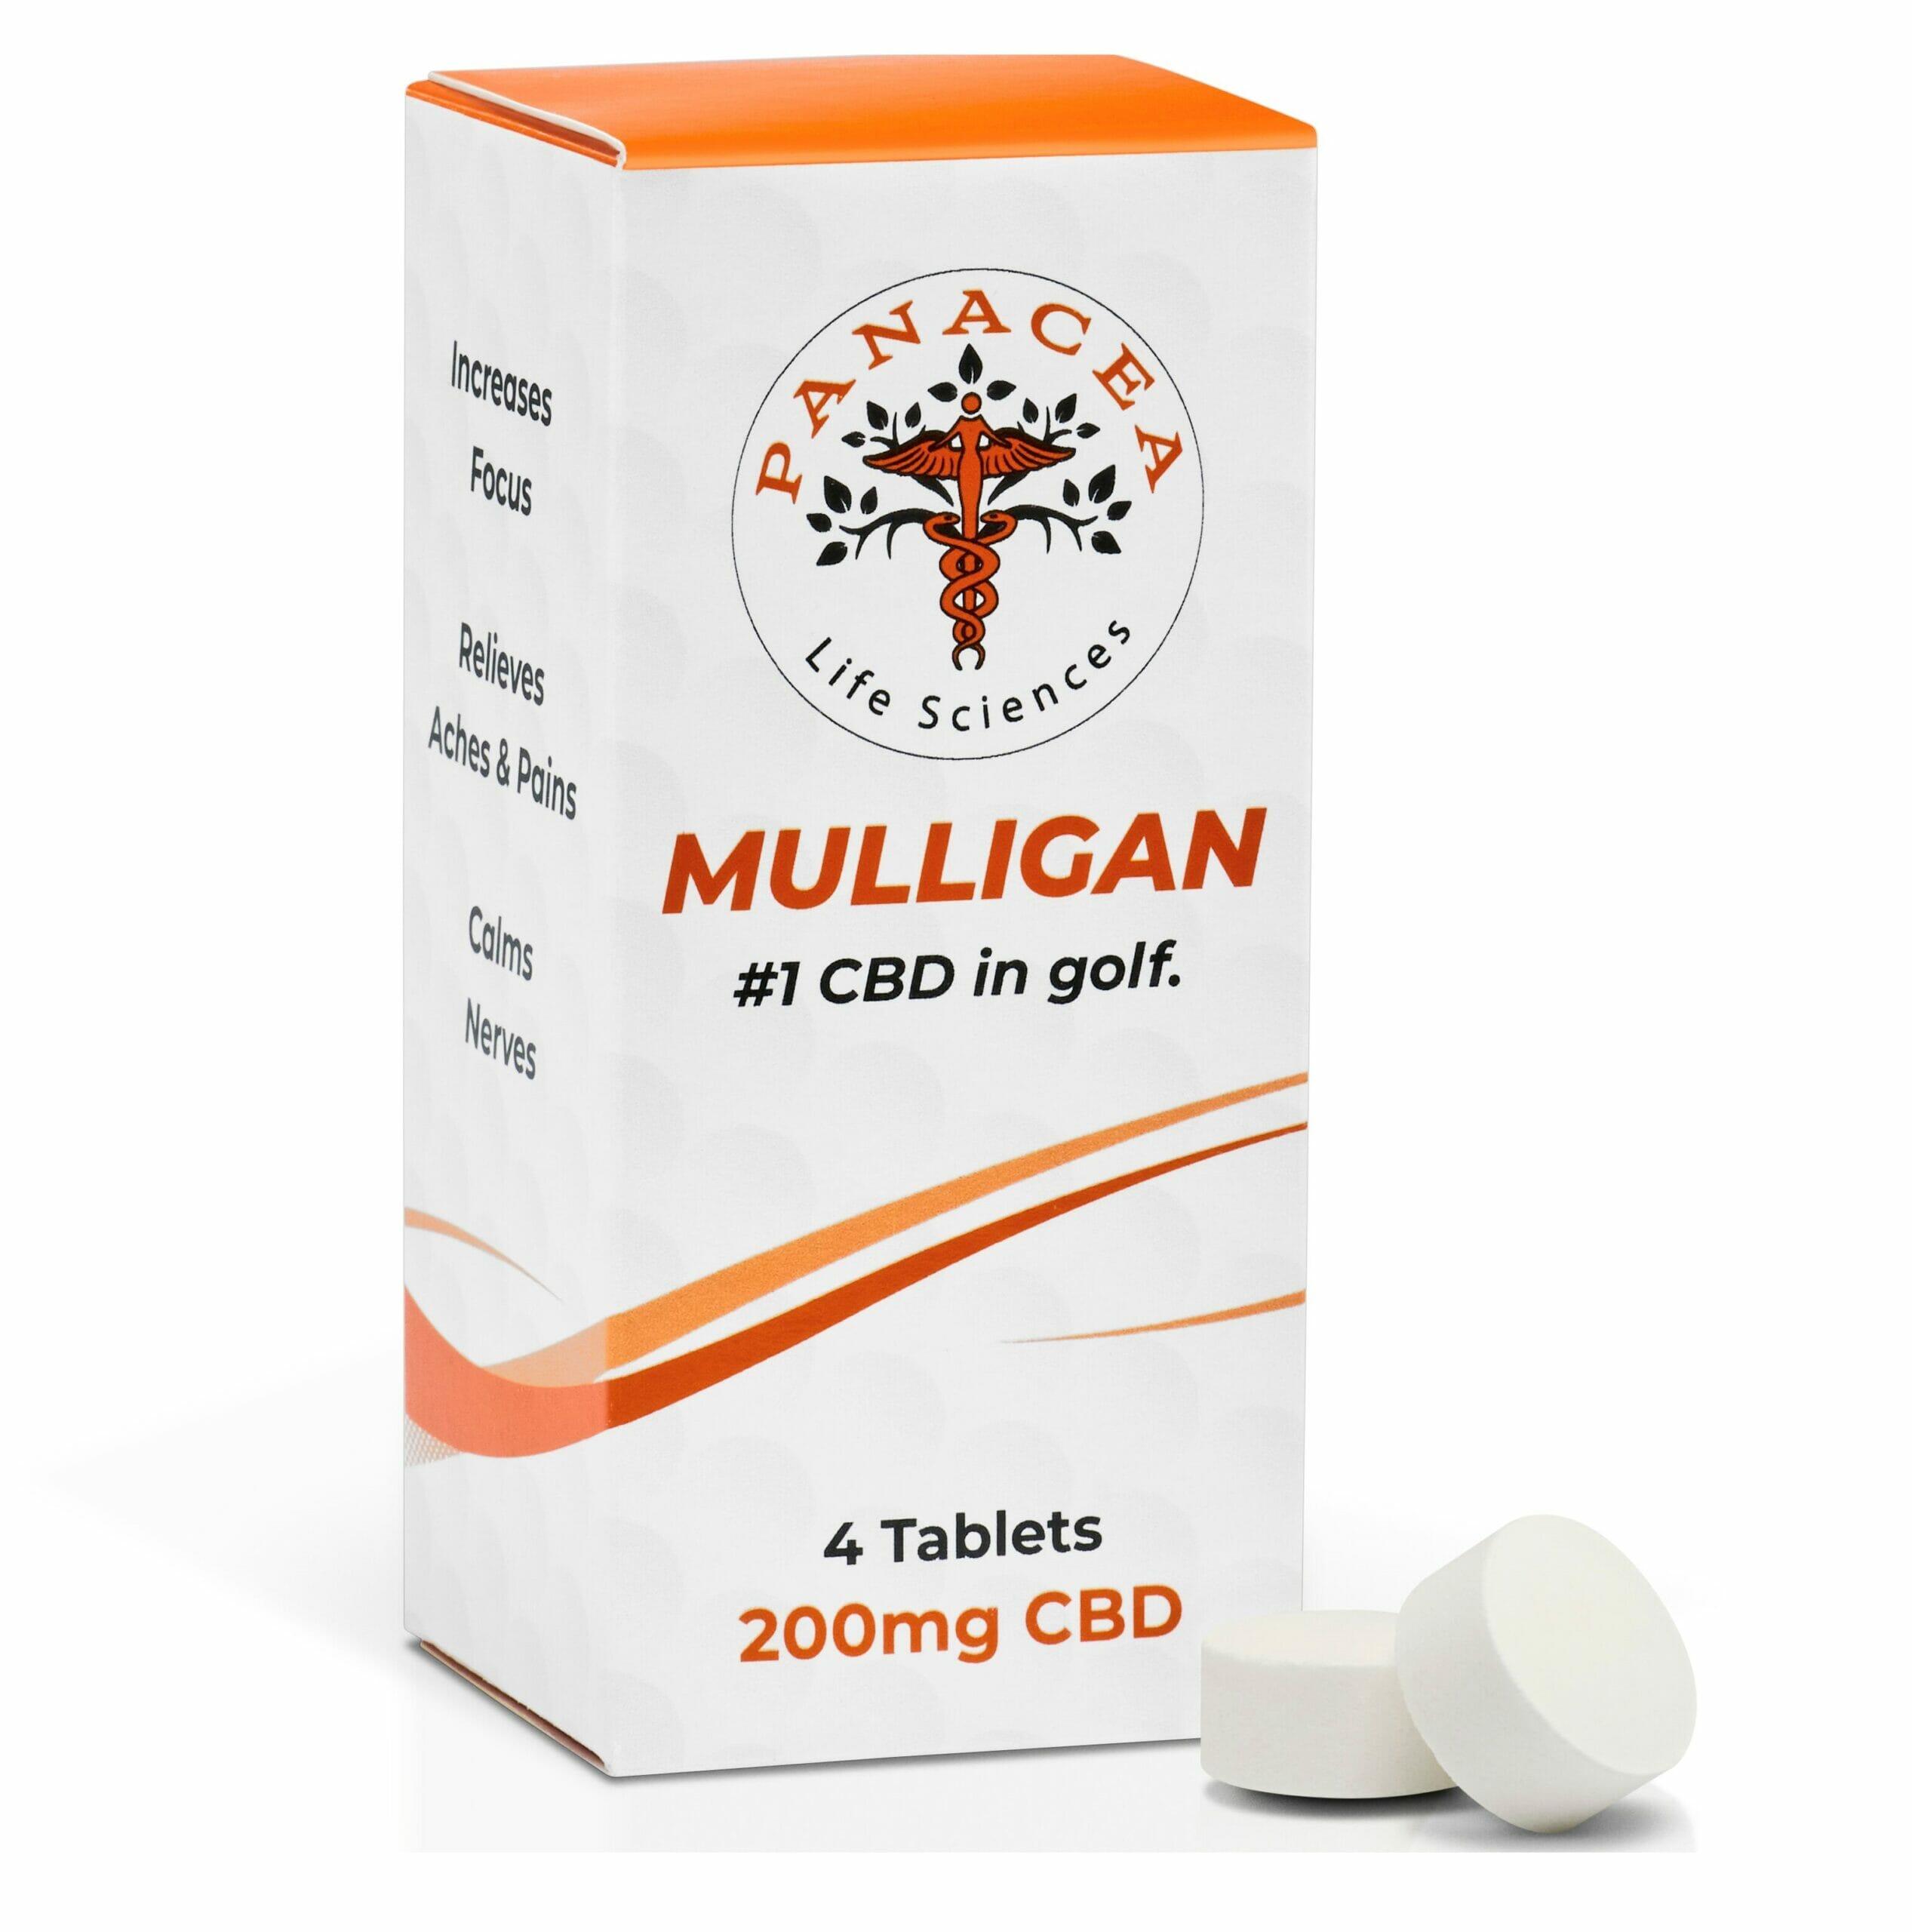 mulligan CBD tablets for Golf